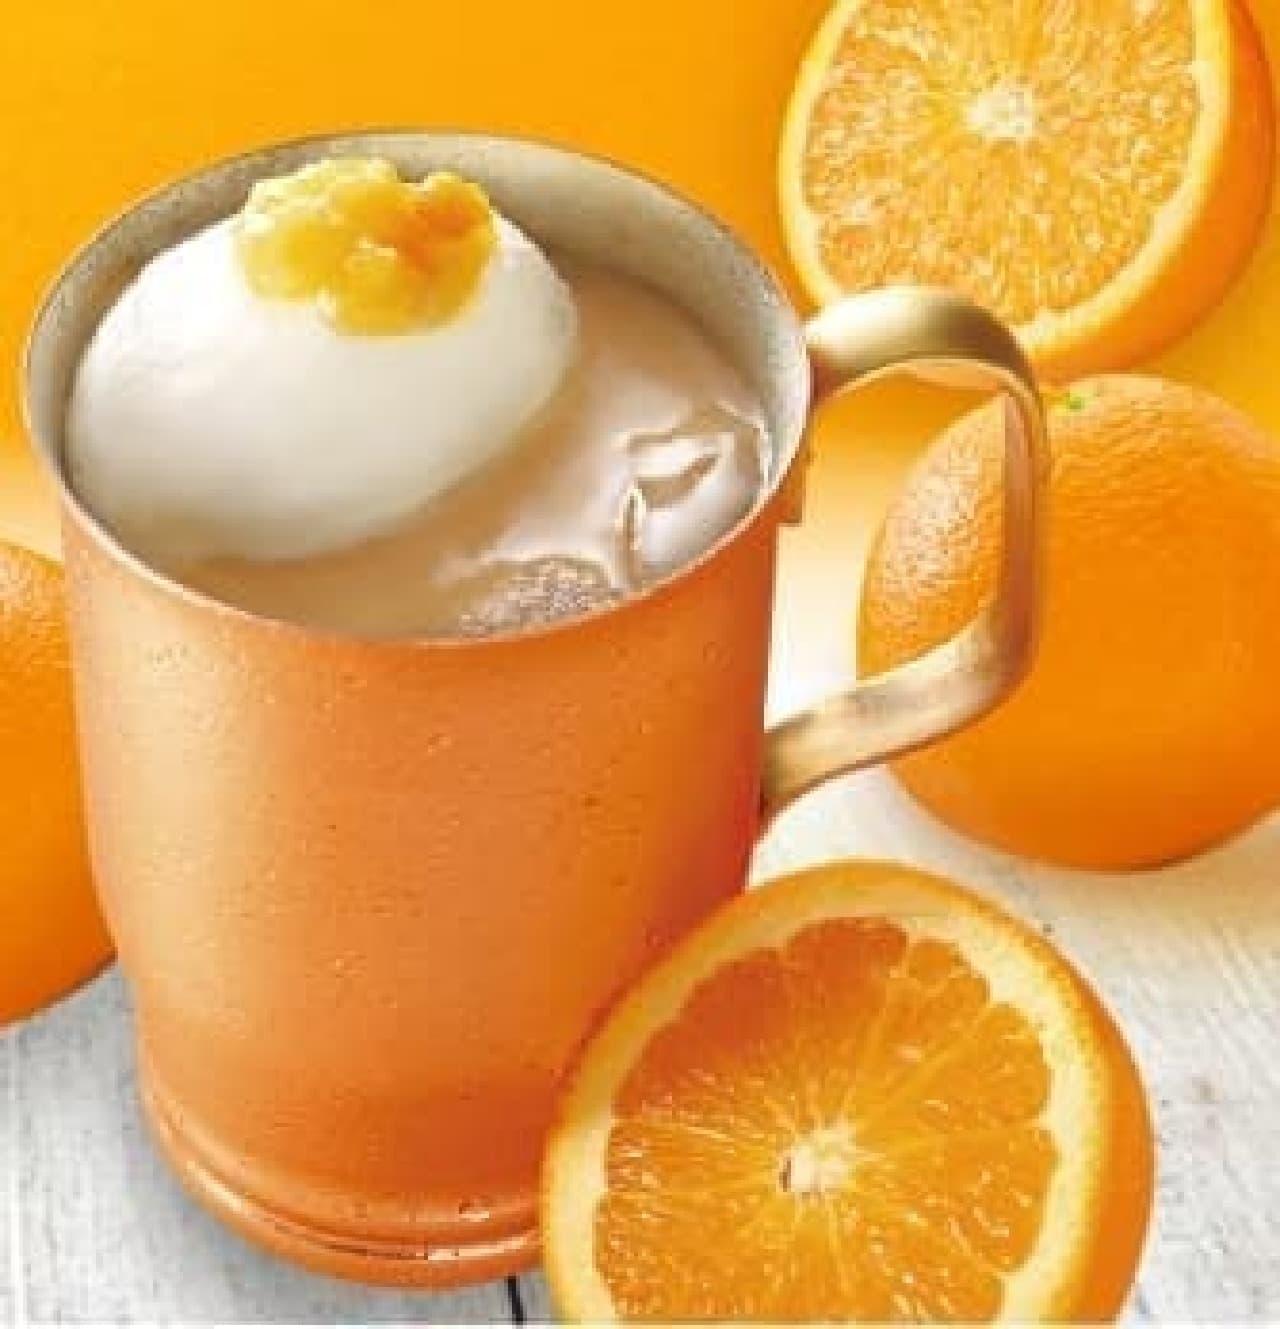 上島珈琲店「オレンジミルク珈琲」